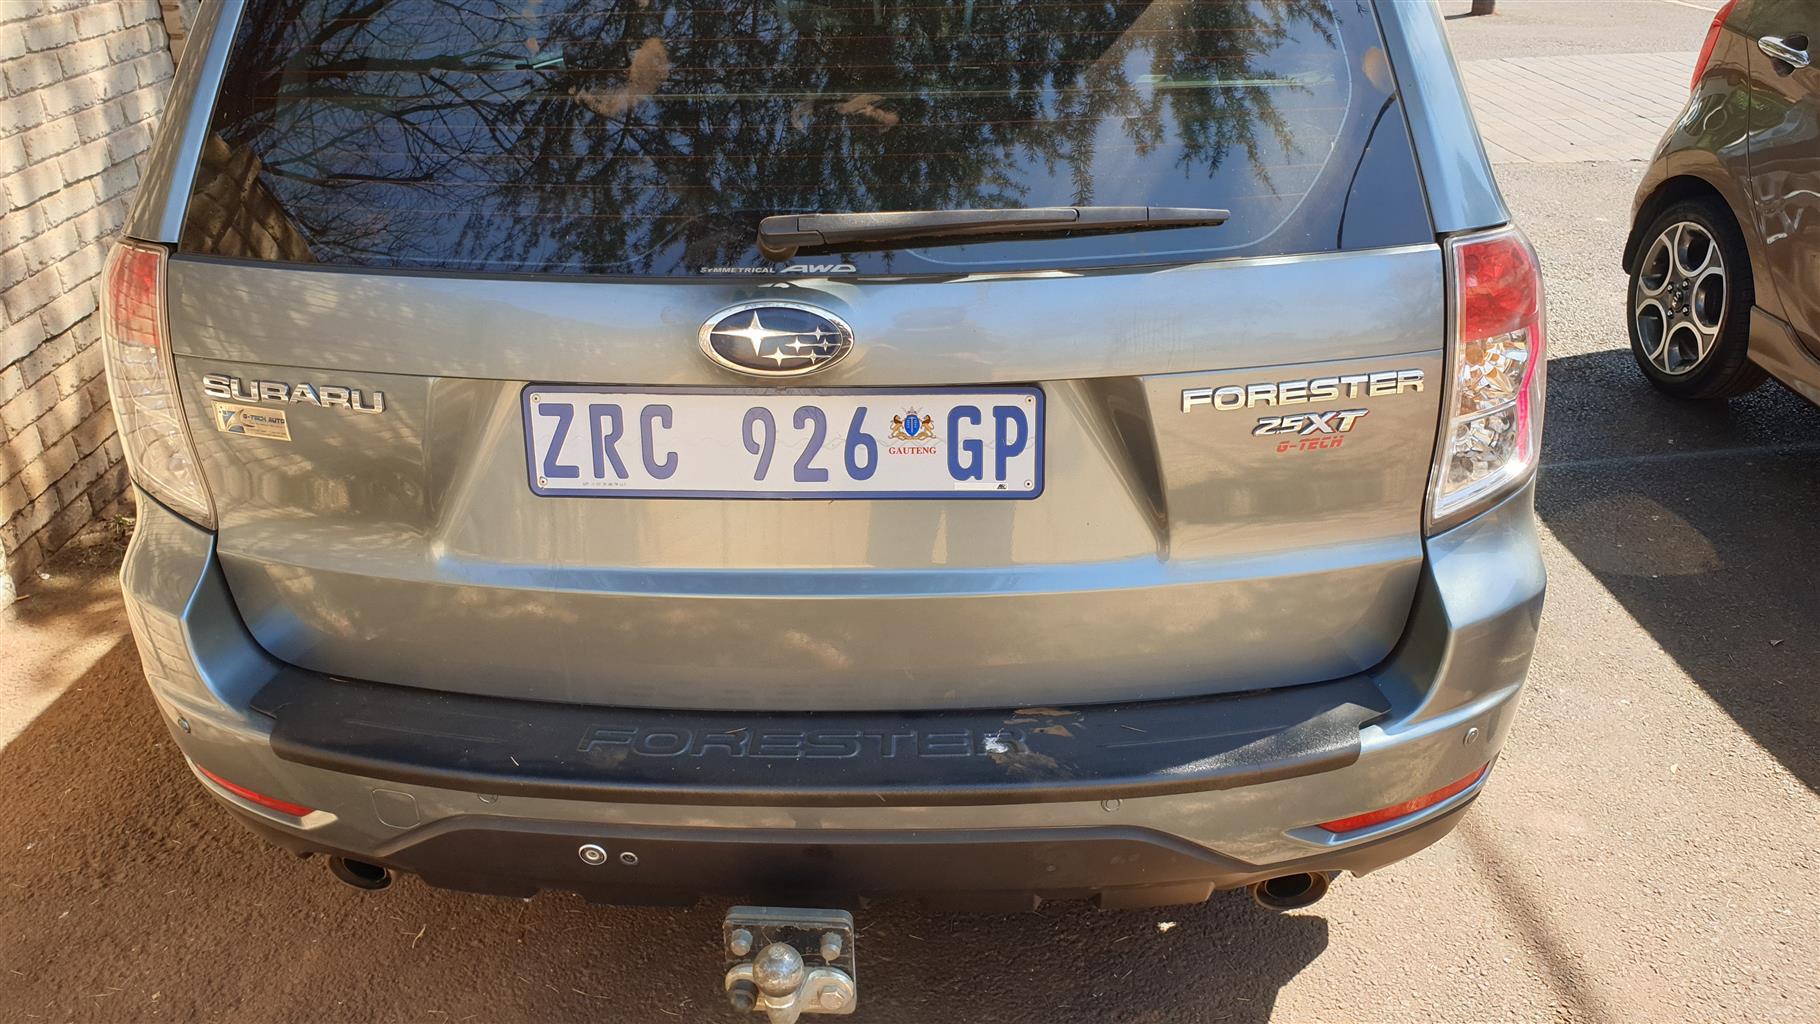 2010 Subaru Forester 2.5 XT Premium